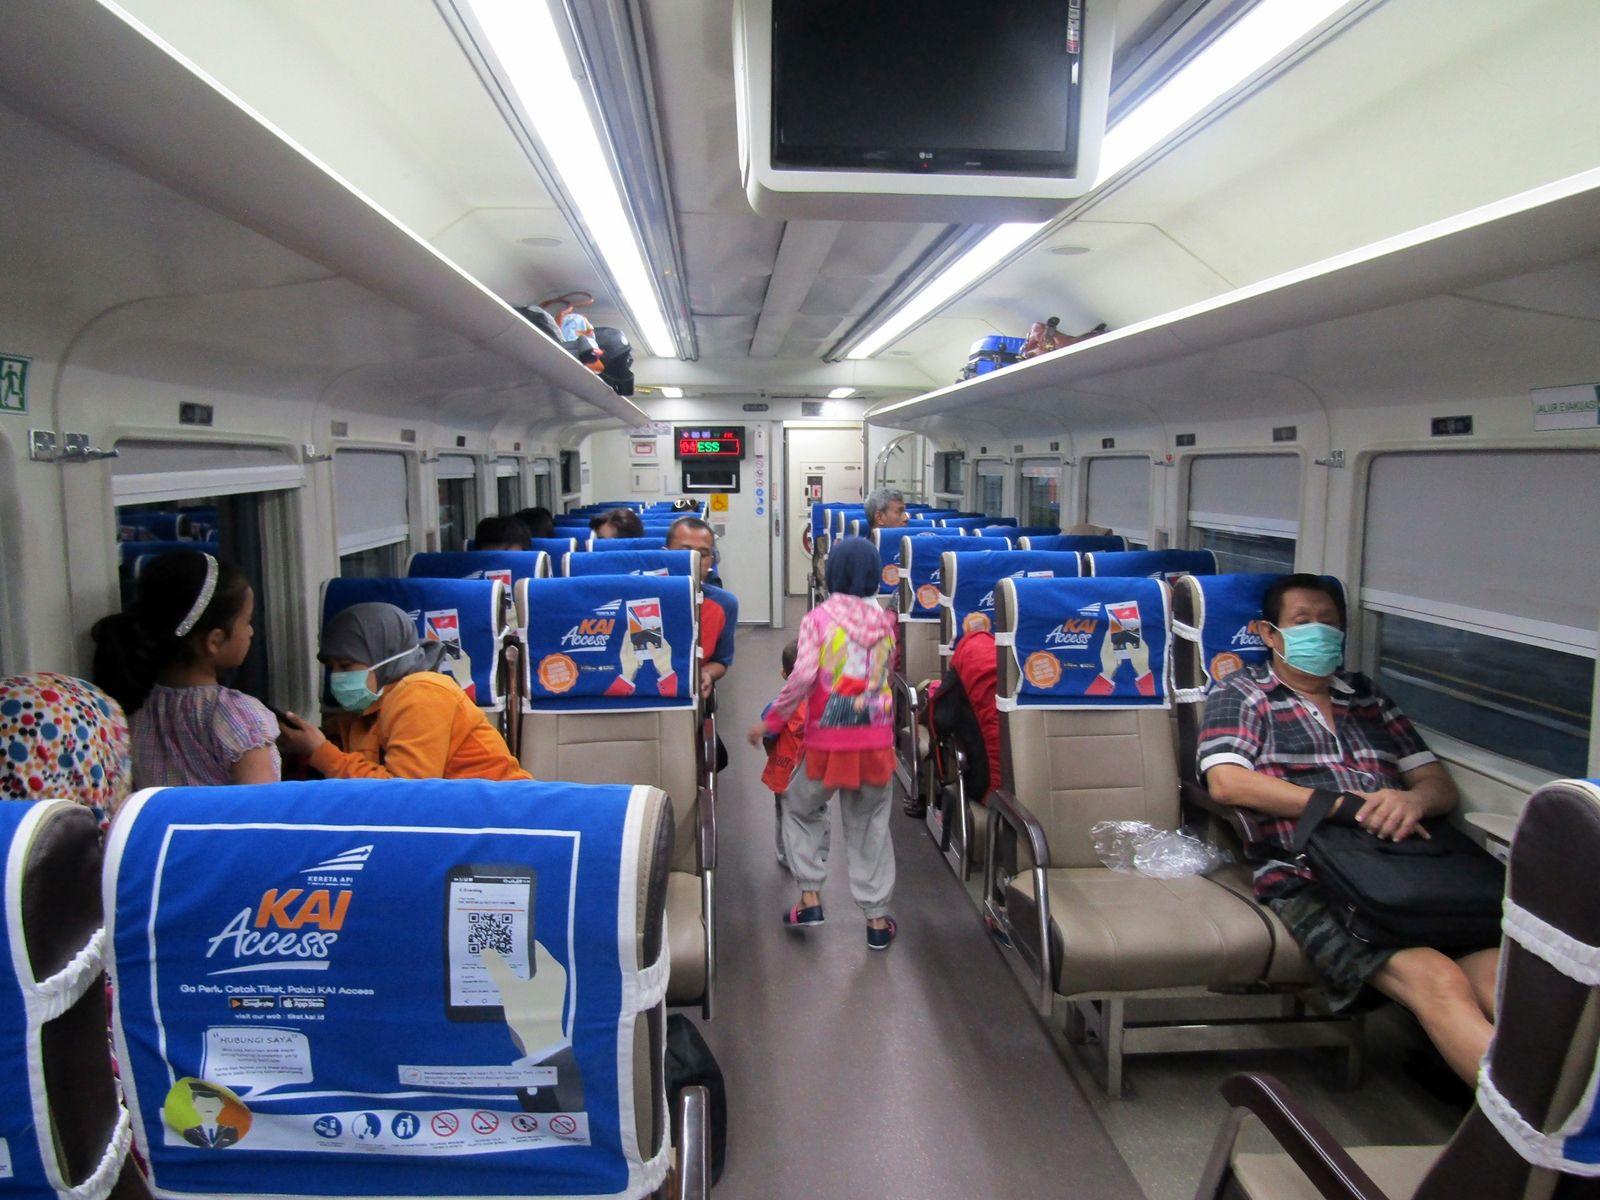 Antara Kereta Api Ekonomi Premium Dan Bisnis Pilih Mana Lodaya Oleh Ikrom Zain Halaman All